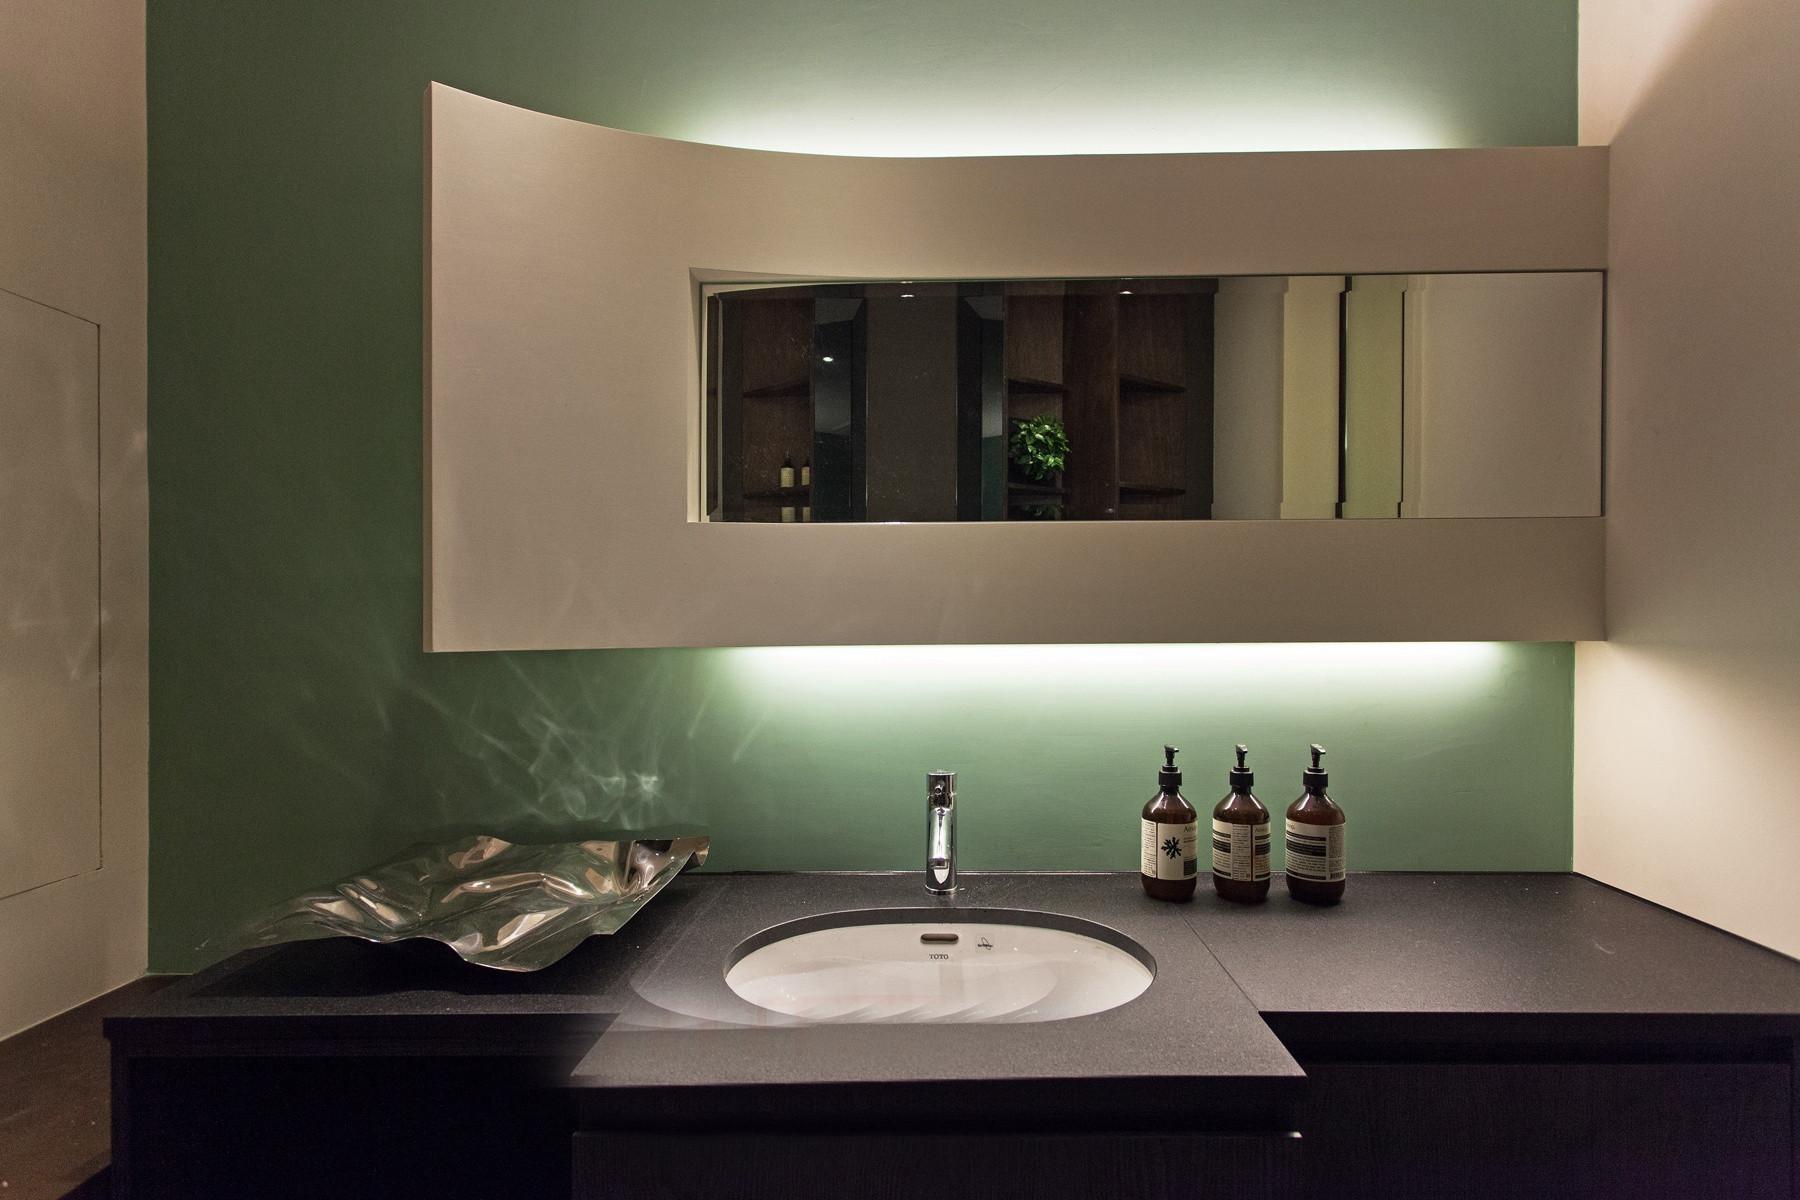 卫生间是做了彻底的干湿分离,把洗手台给外移在卫生间的门外。